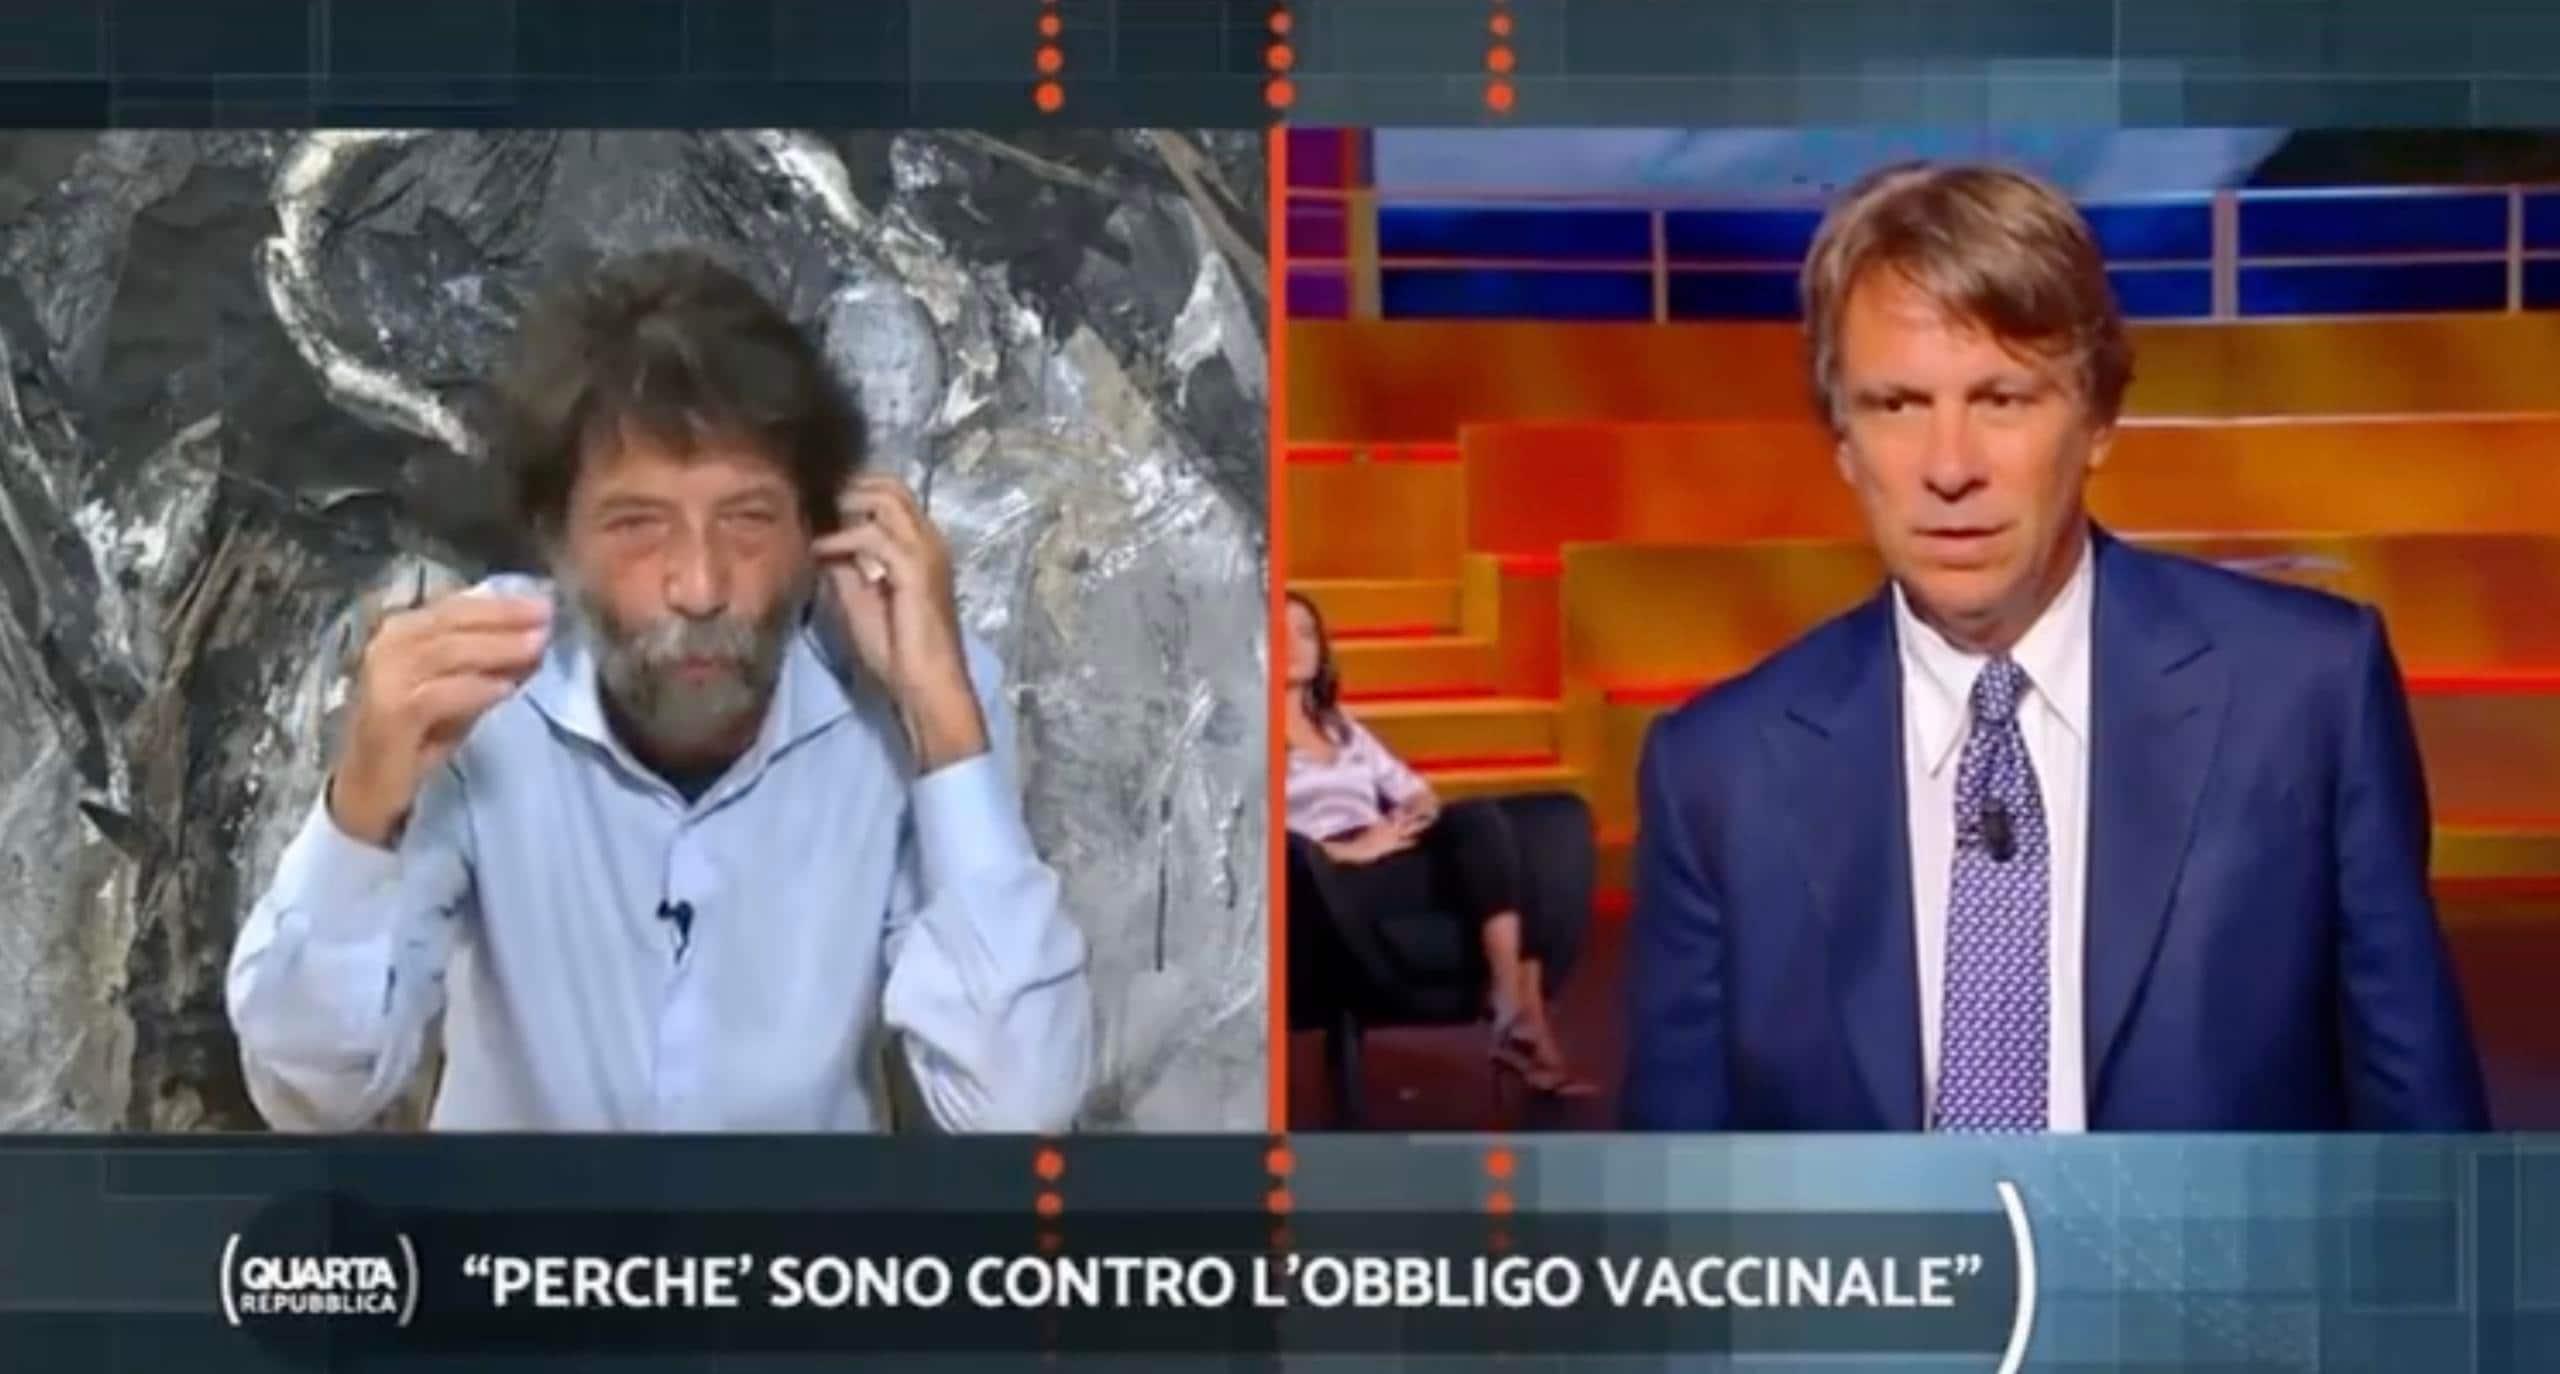 Massimo Cacciari e la frase complottista come Meluzzi | VIDEO